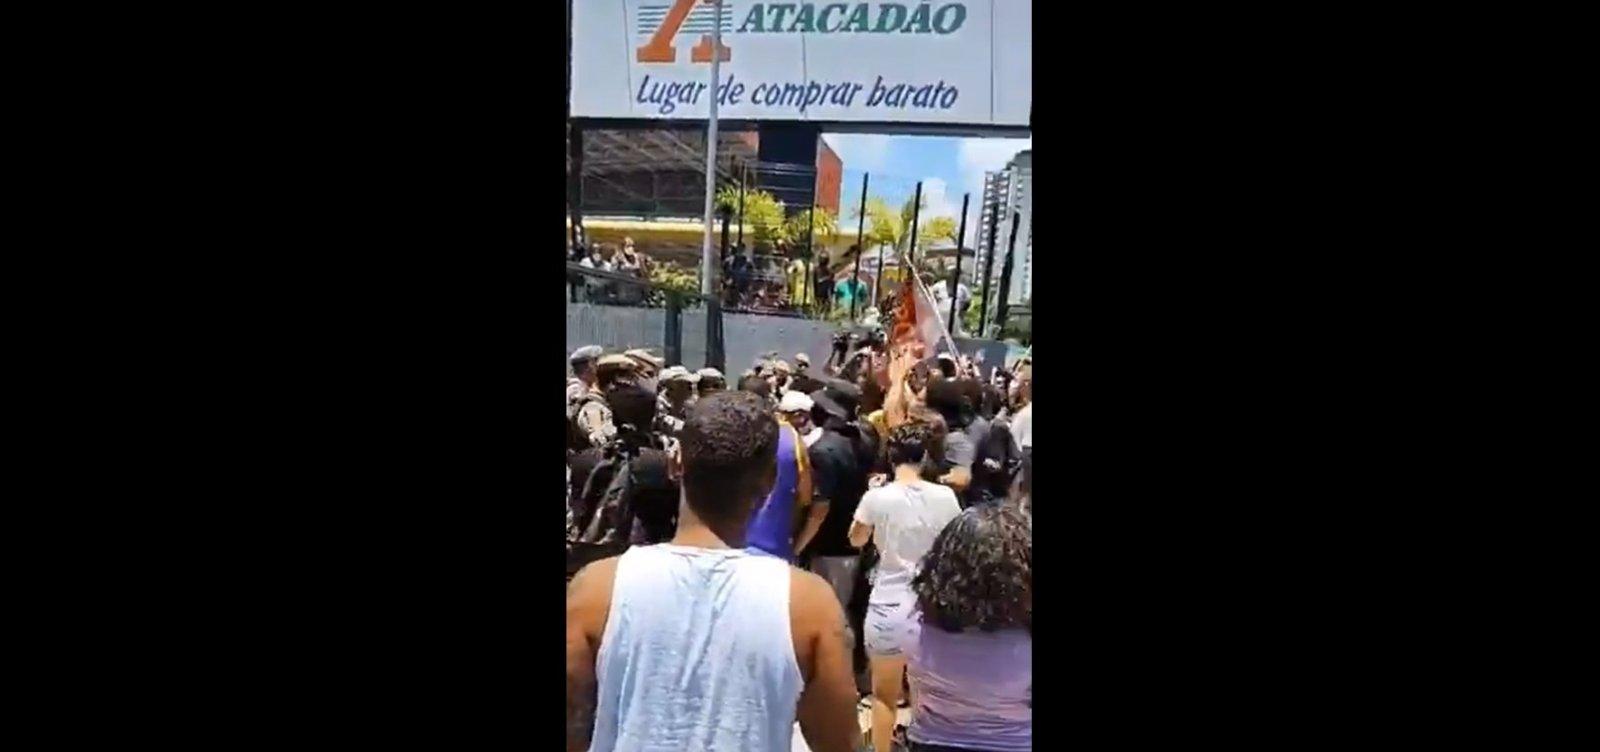 Protesto antirracista no Atacadão em Salvador causa tumulto com a PM